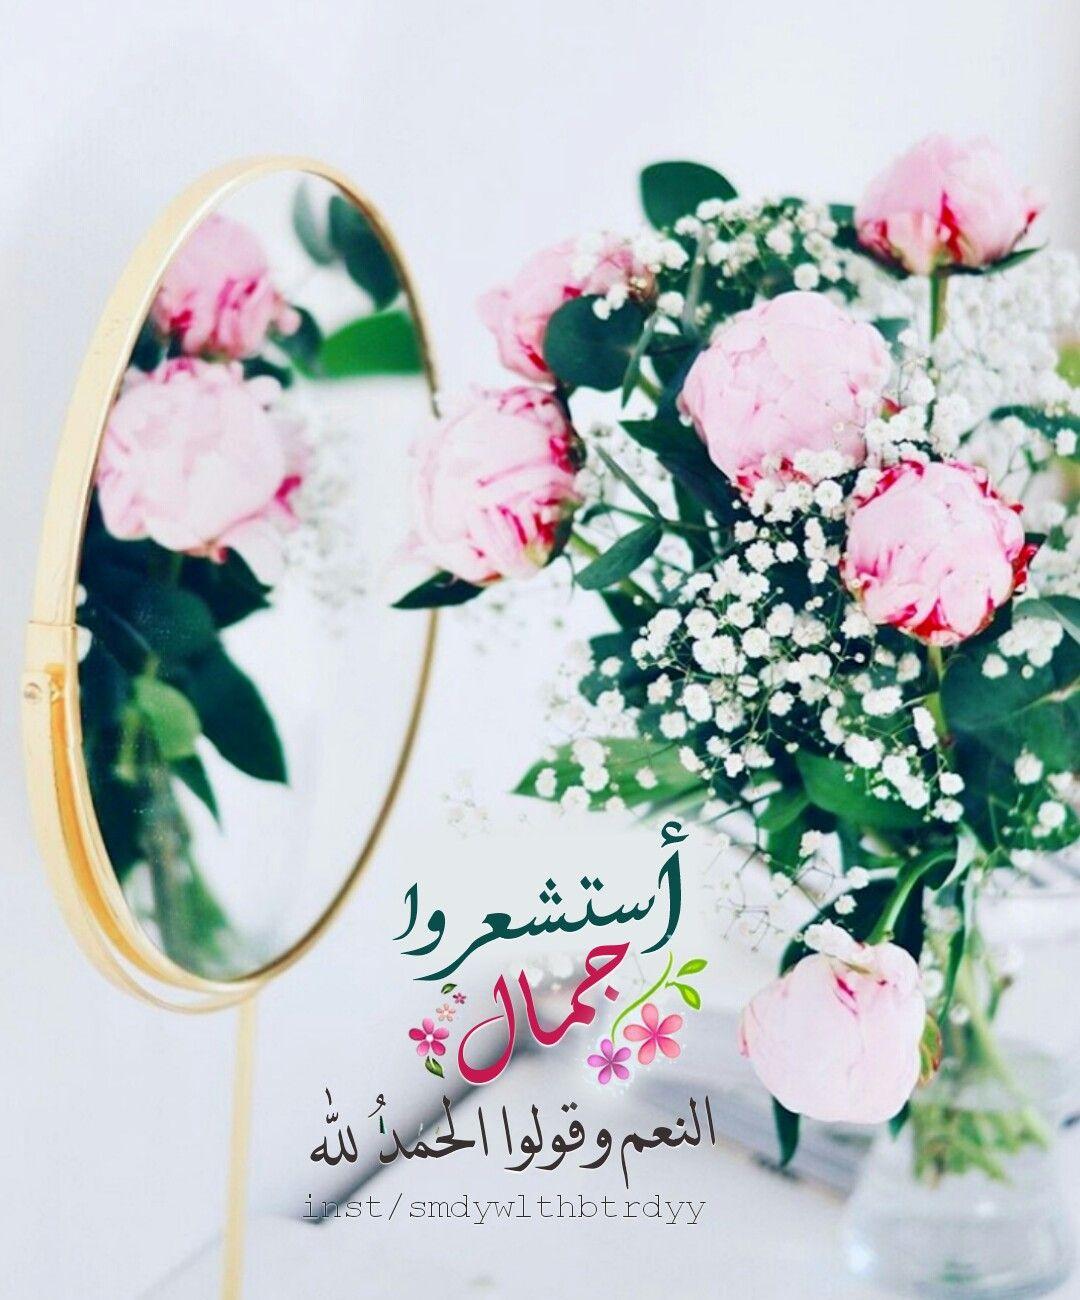 استشعروا جمال النعم وقولوا الحمد لله Flower Aesthetic Arabic Quotes Flowers